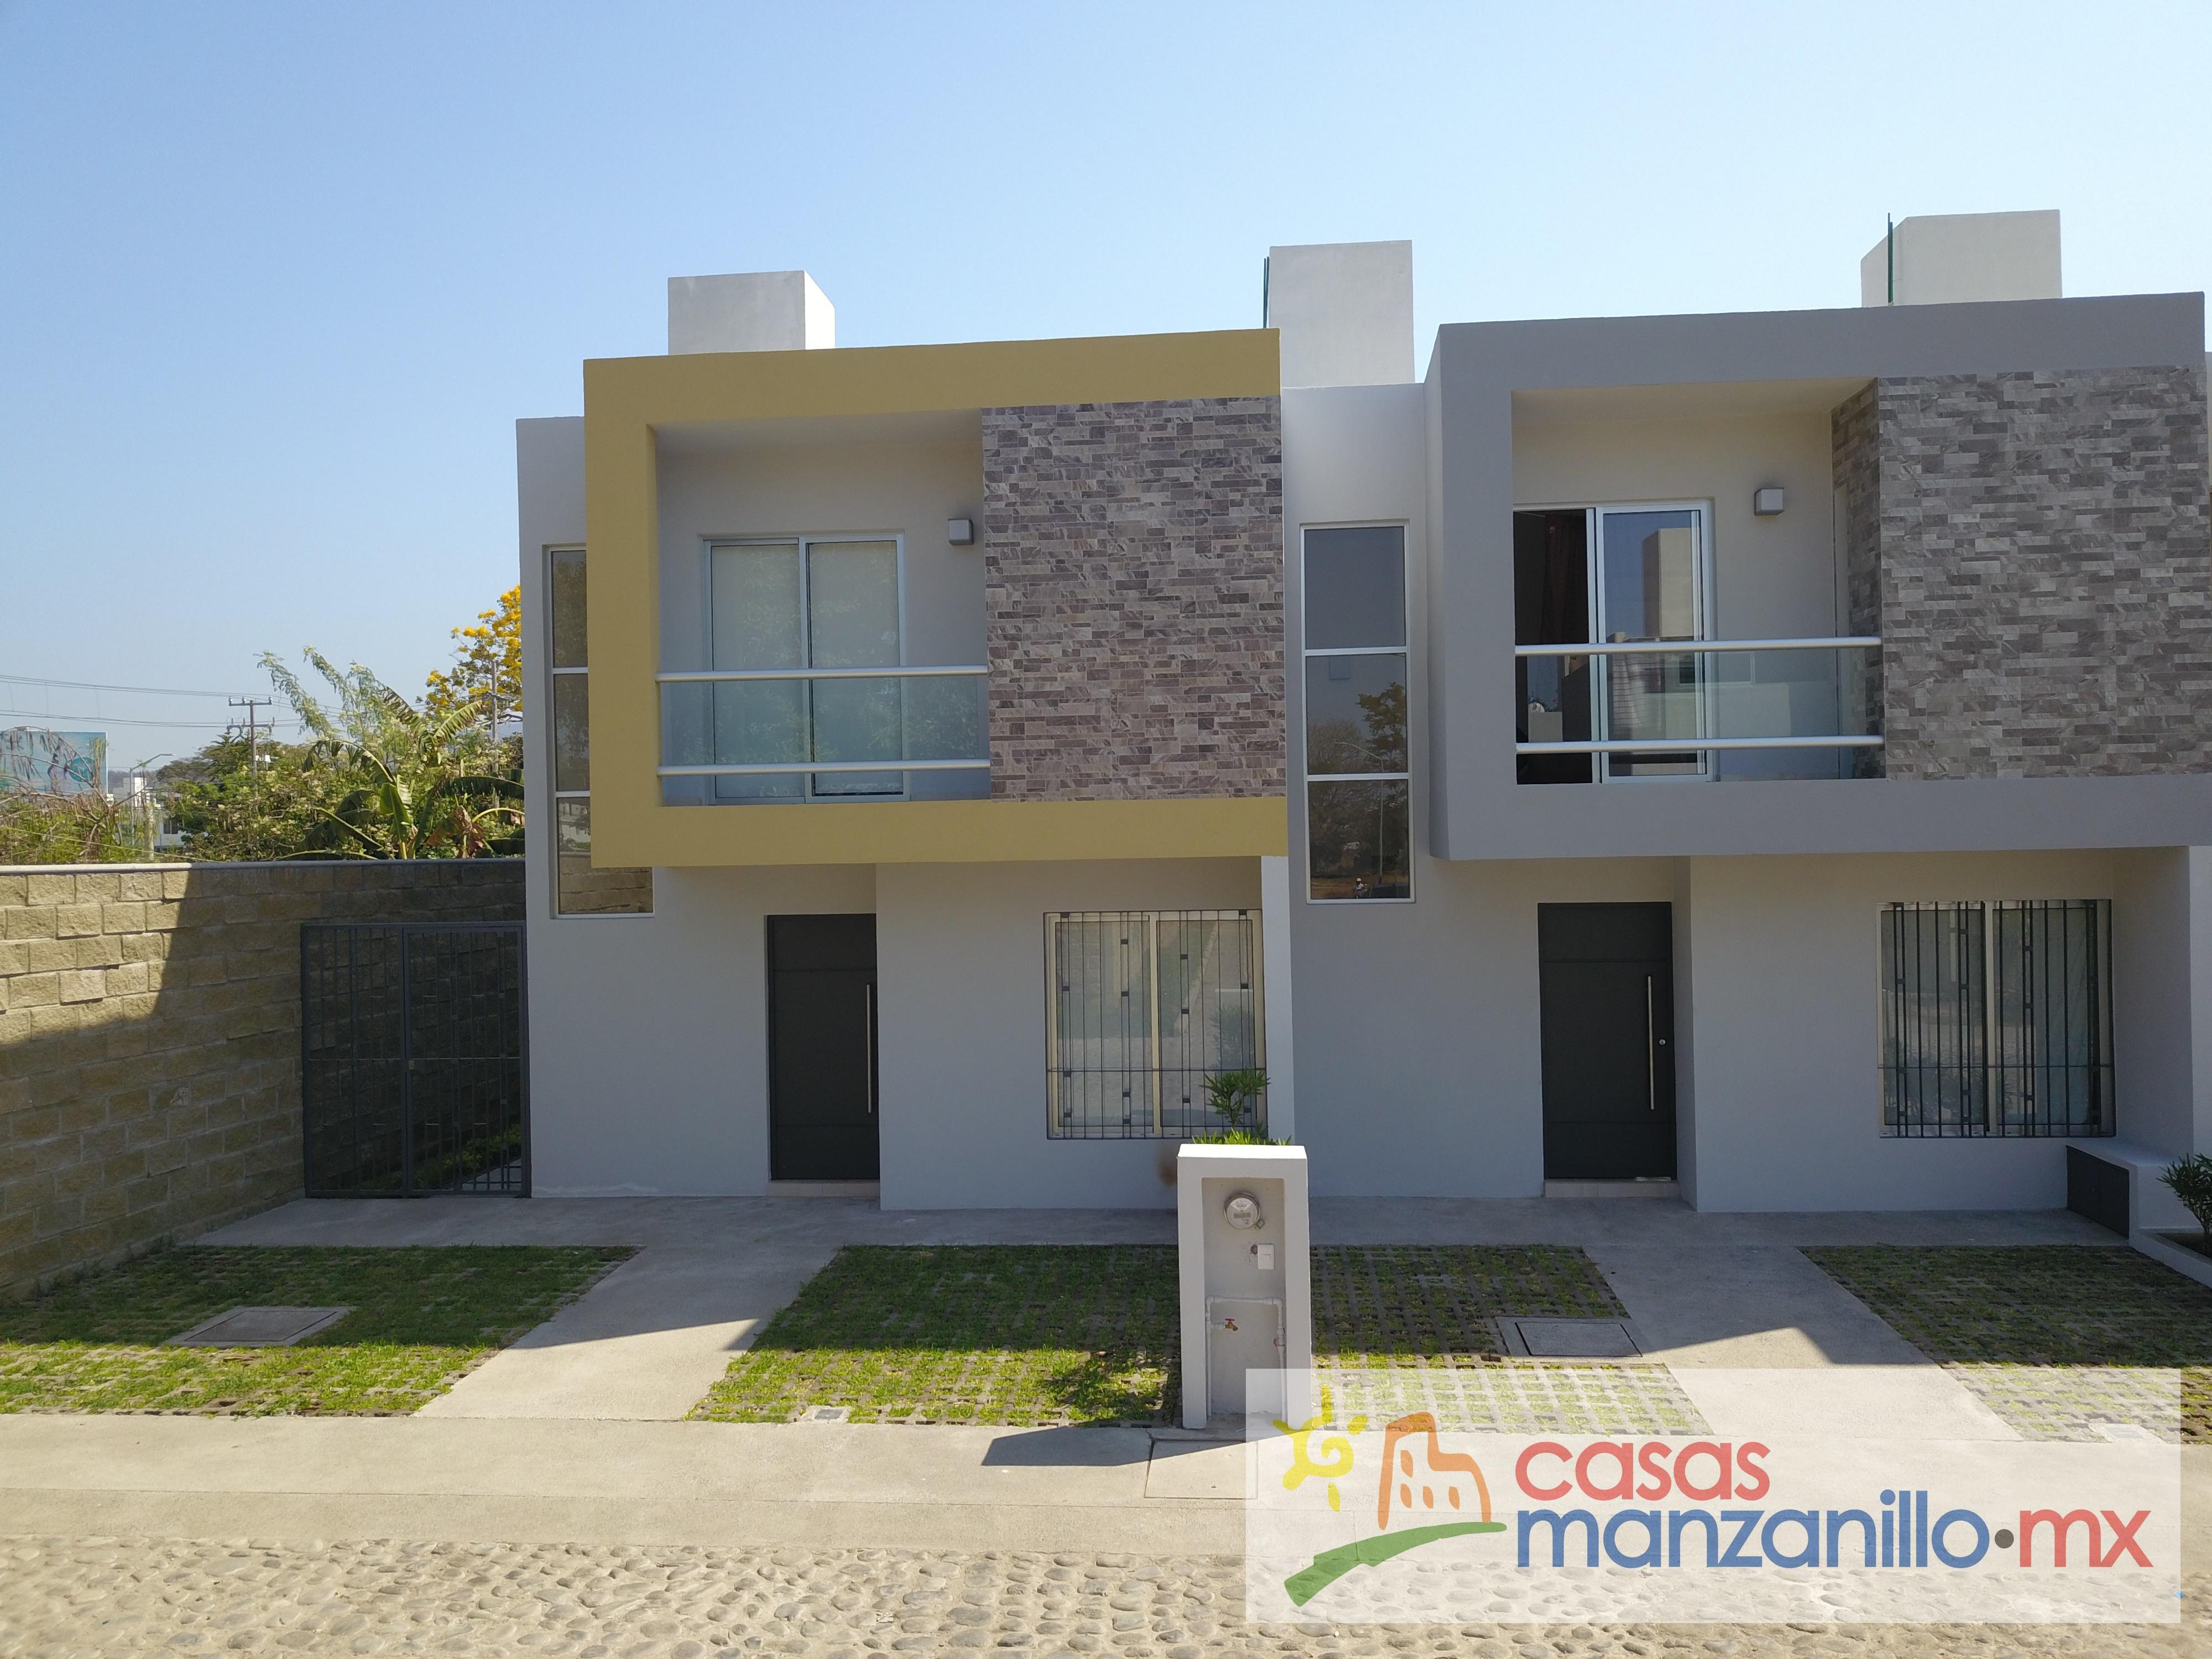 Casas VENTA Manzanillo - Punta Arena (1)